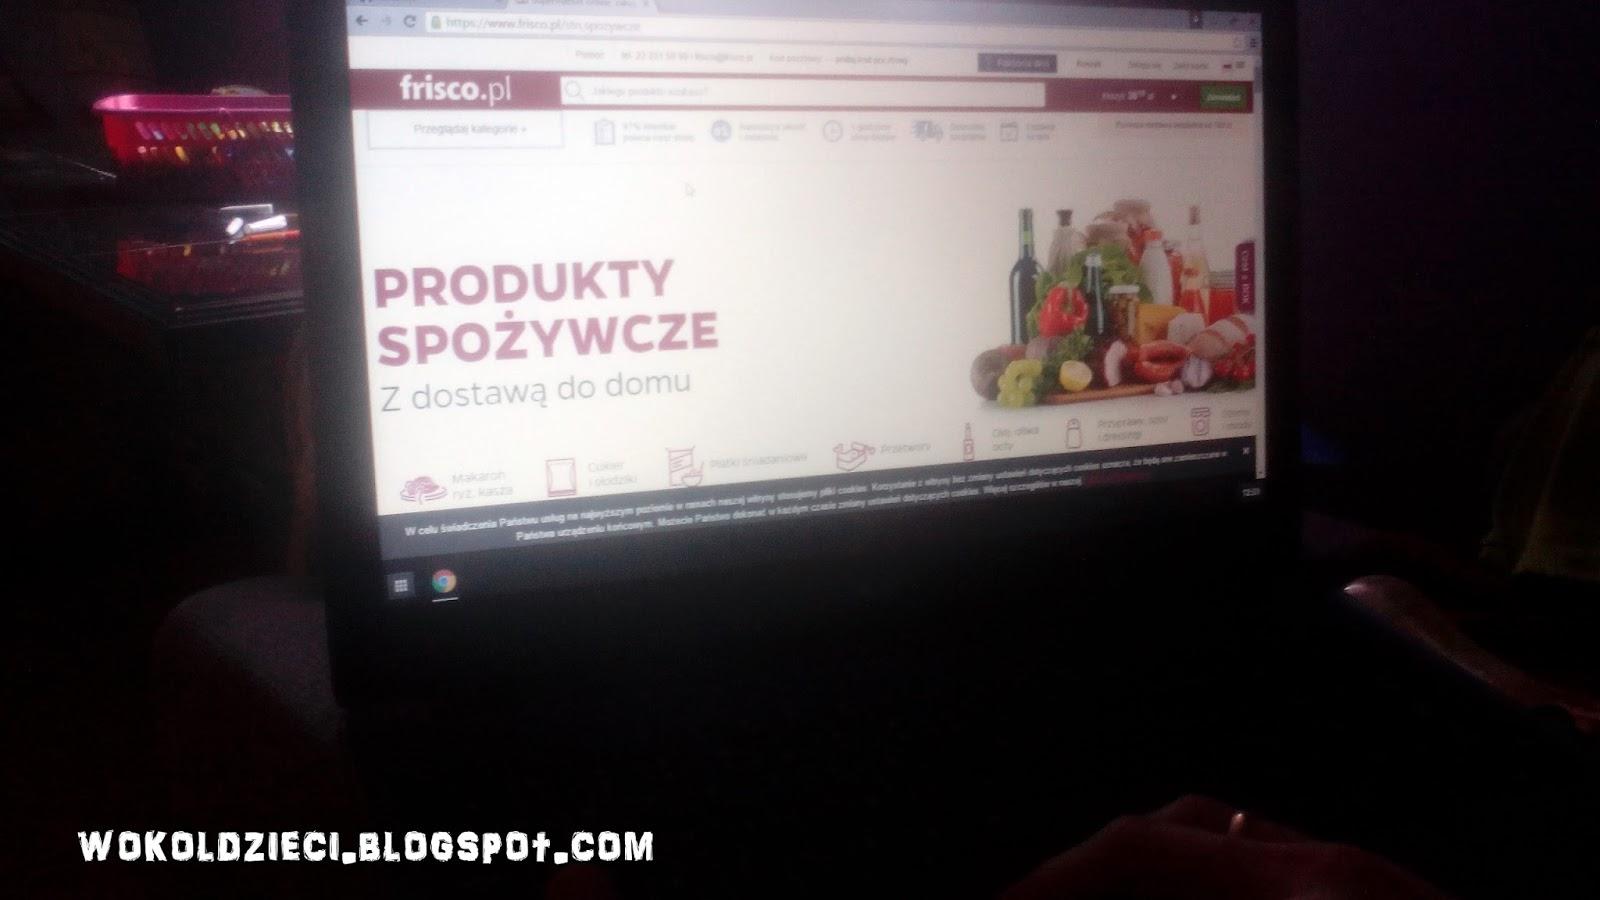 0a8f87437ebdba Kilka dni temu po raz pierwszy zrobiłam przez Internet zakupy spożywcze -  na frisco.pl - oto moje wrażenia!